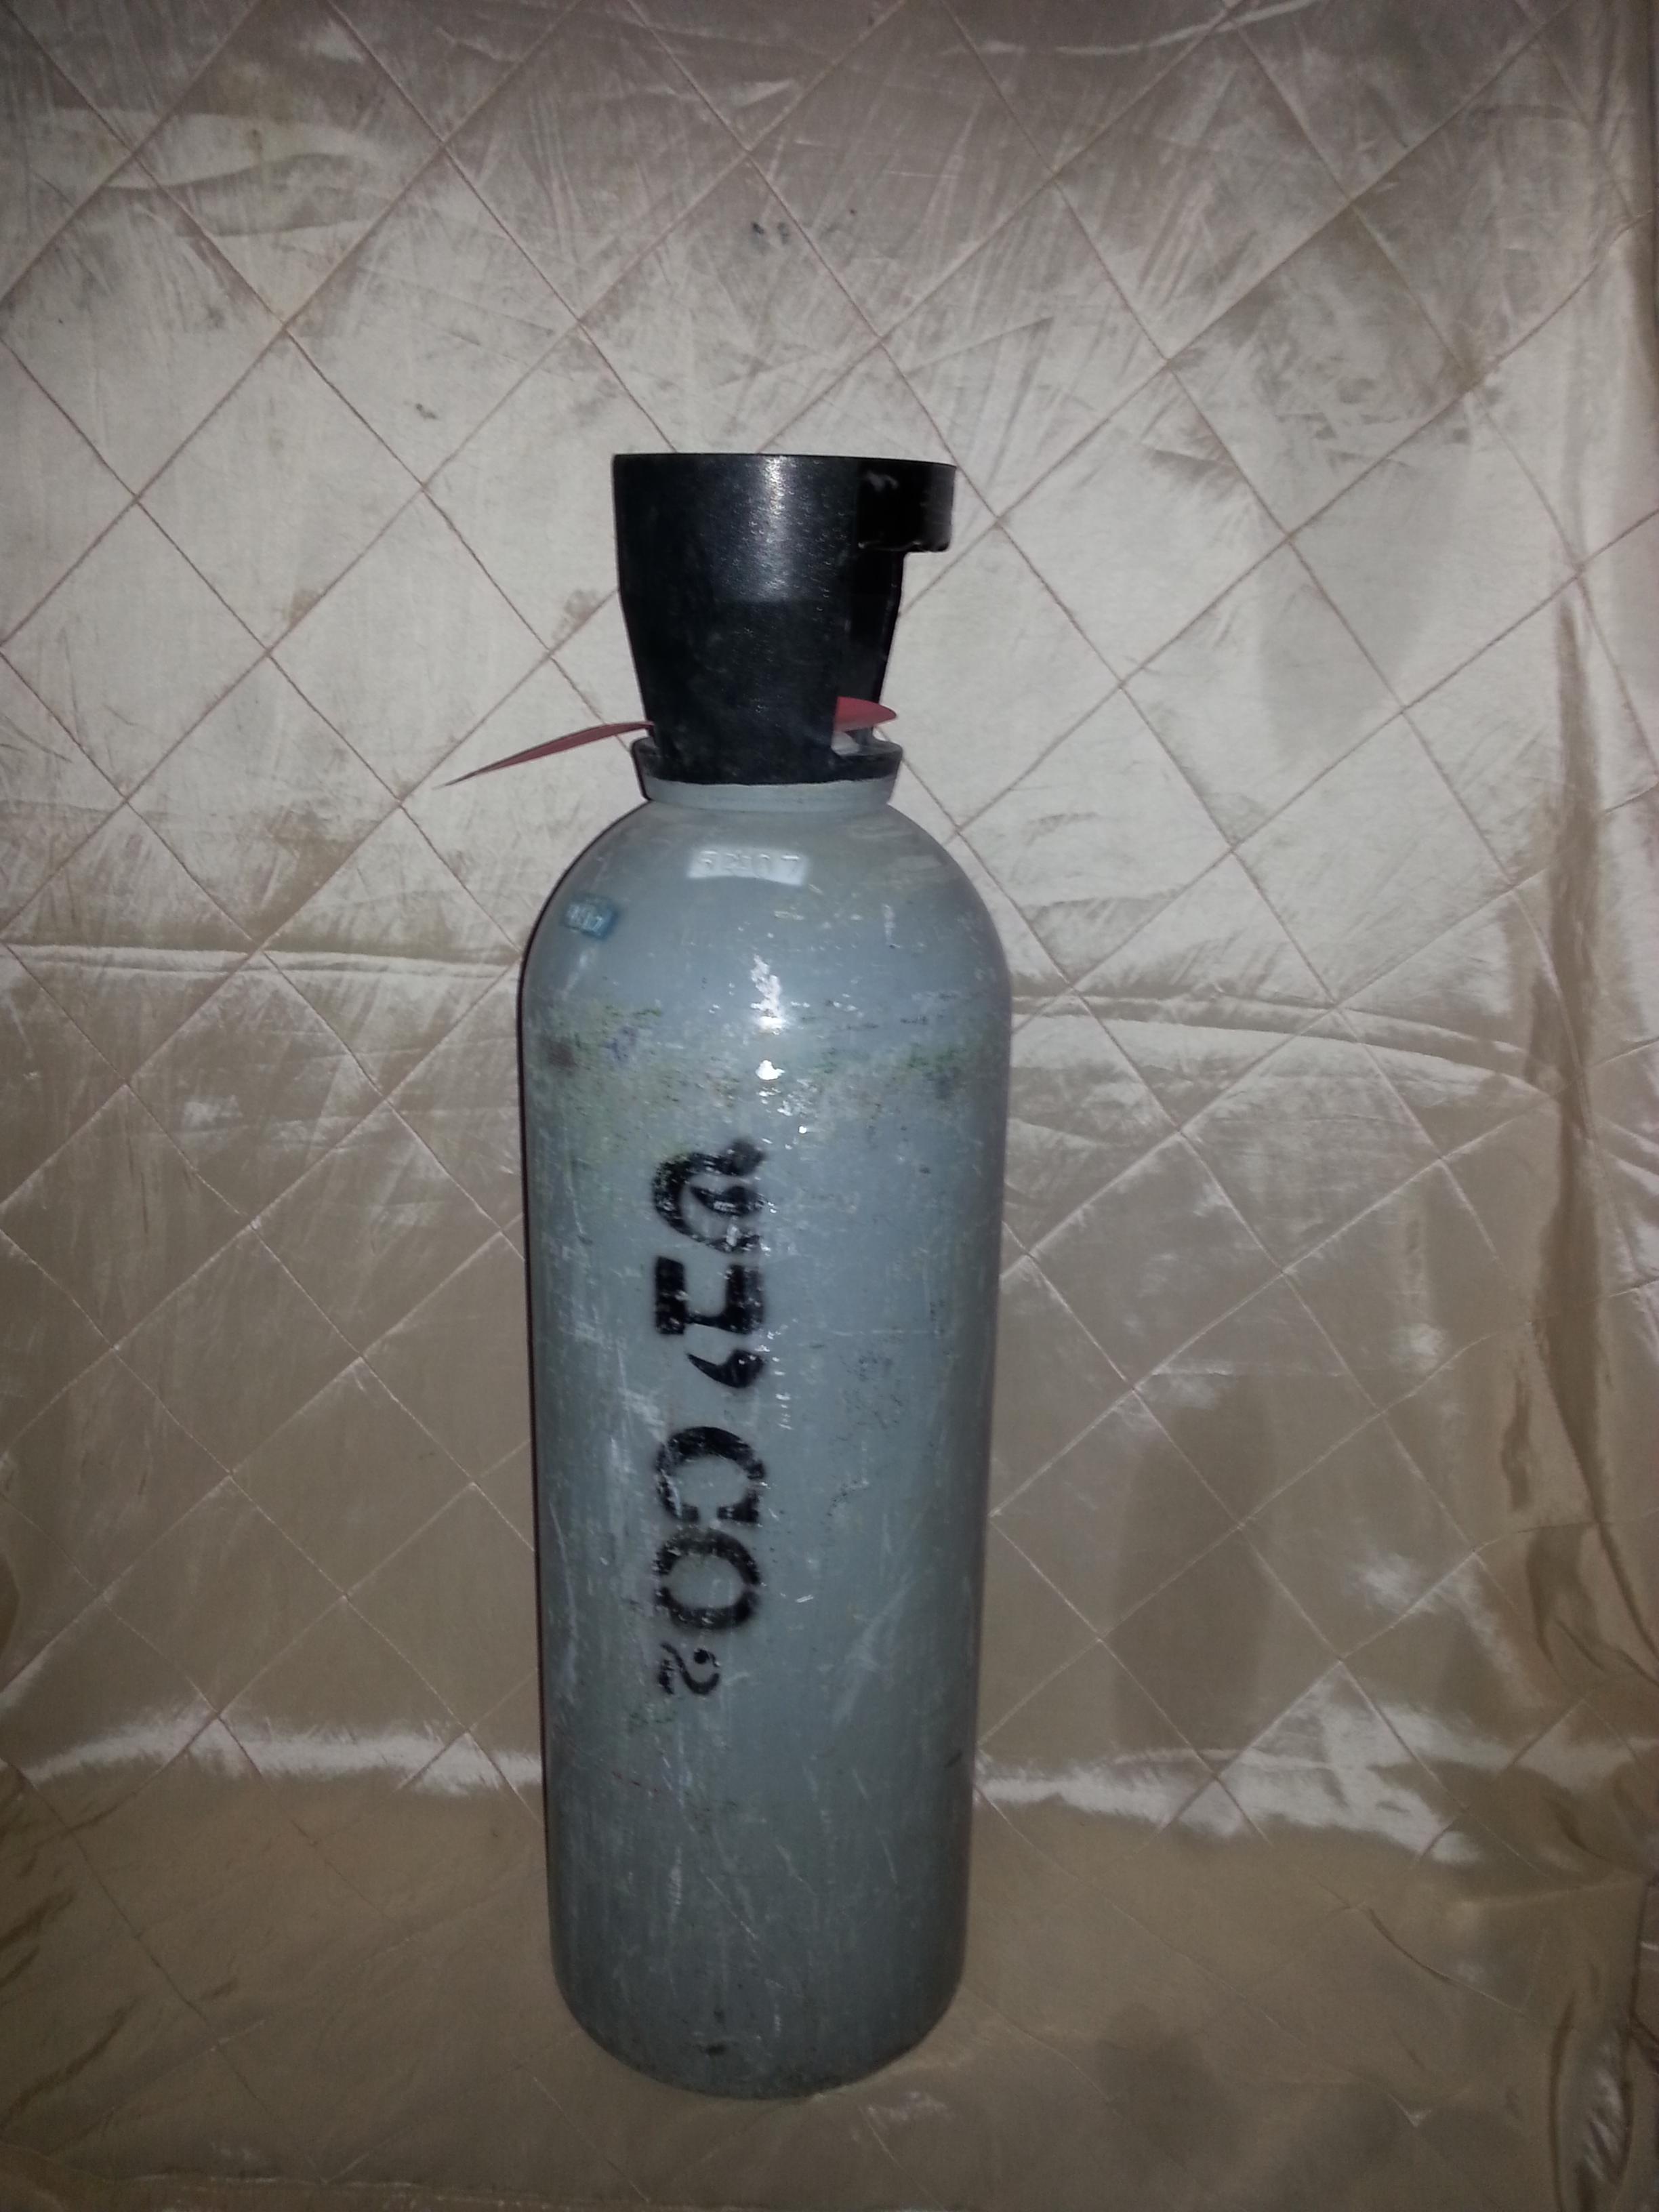 מילוי פחמן דו חמצני